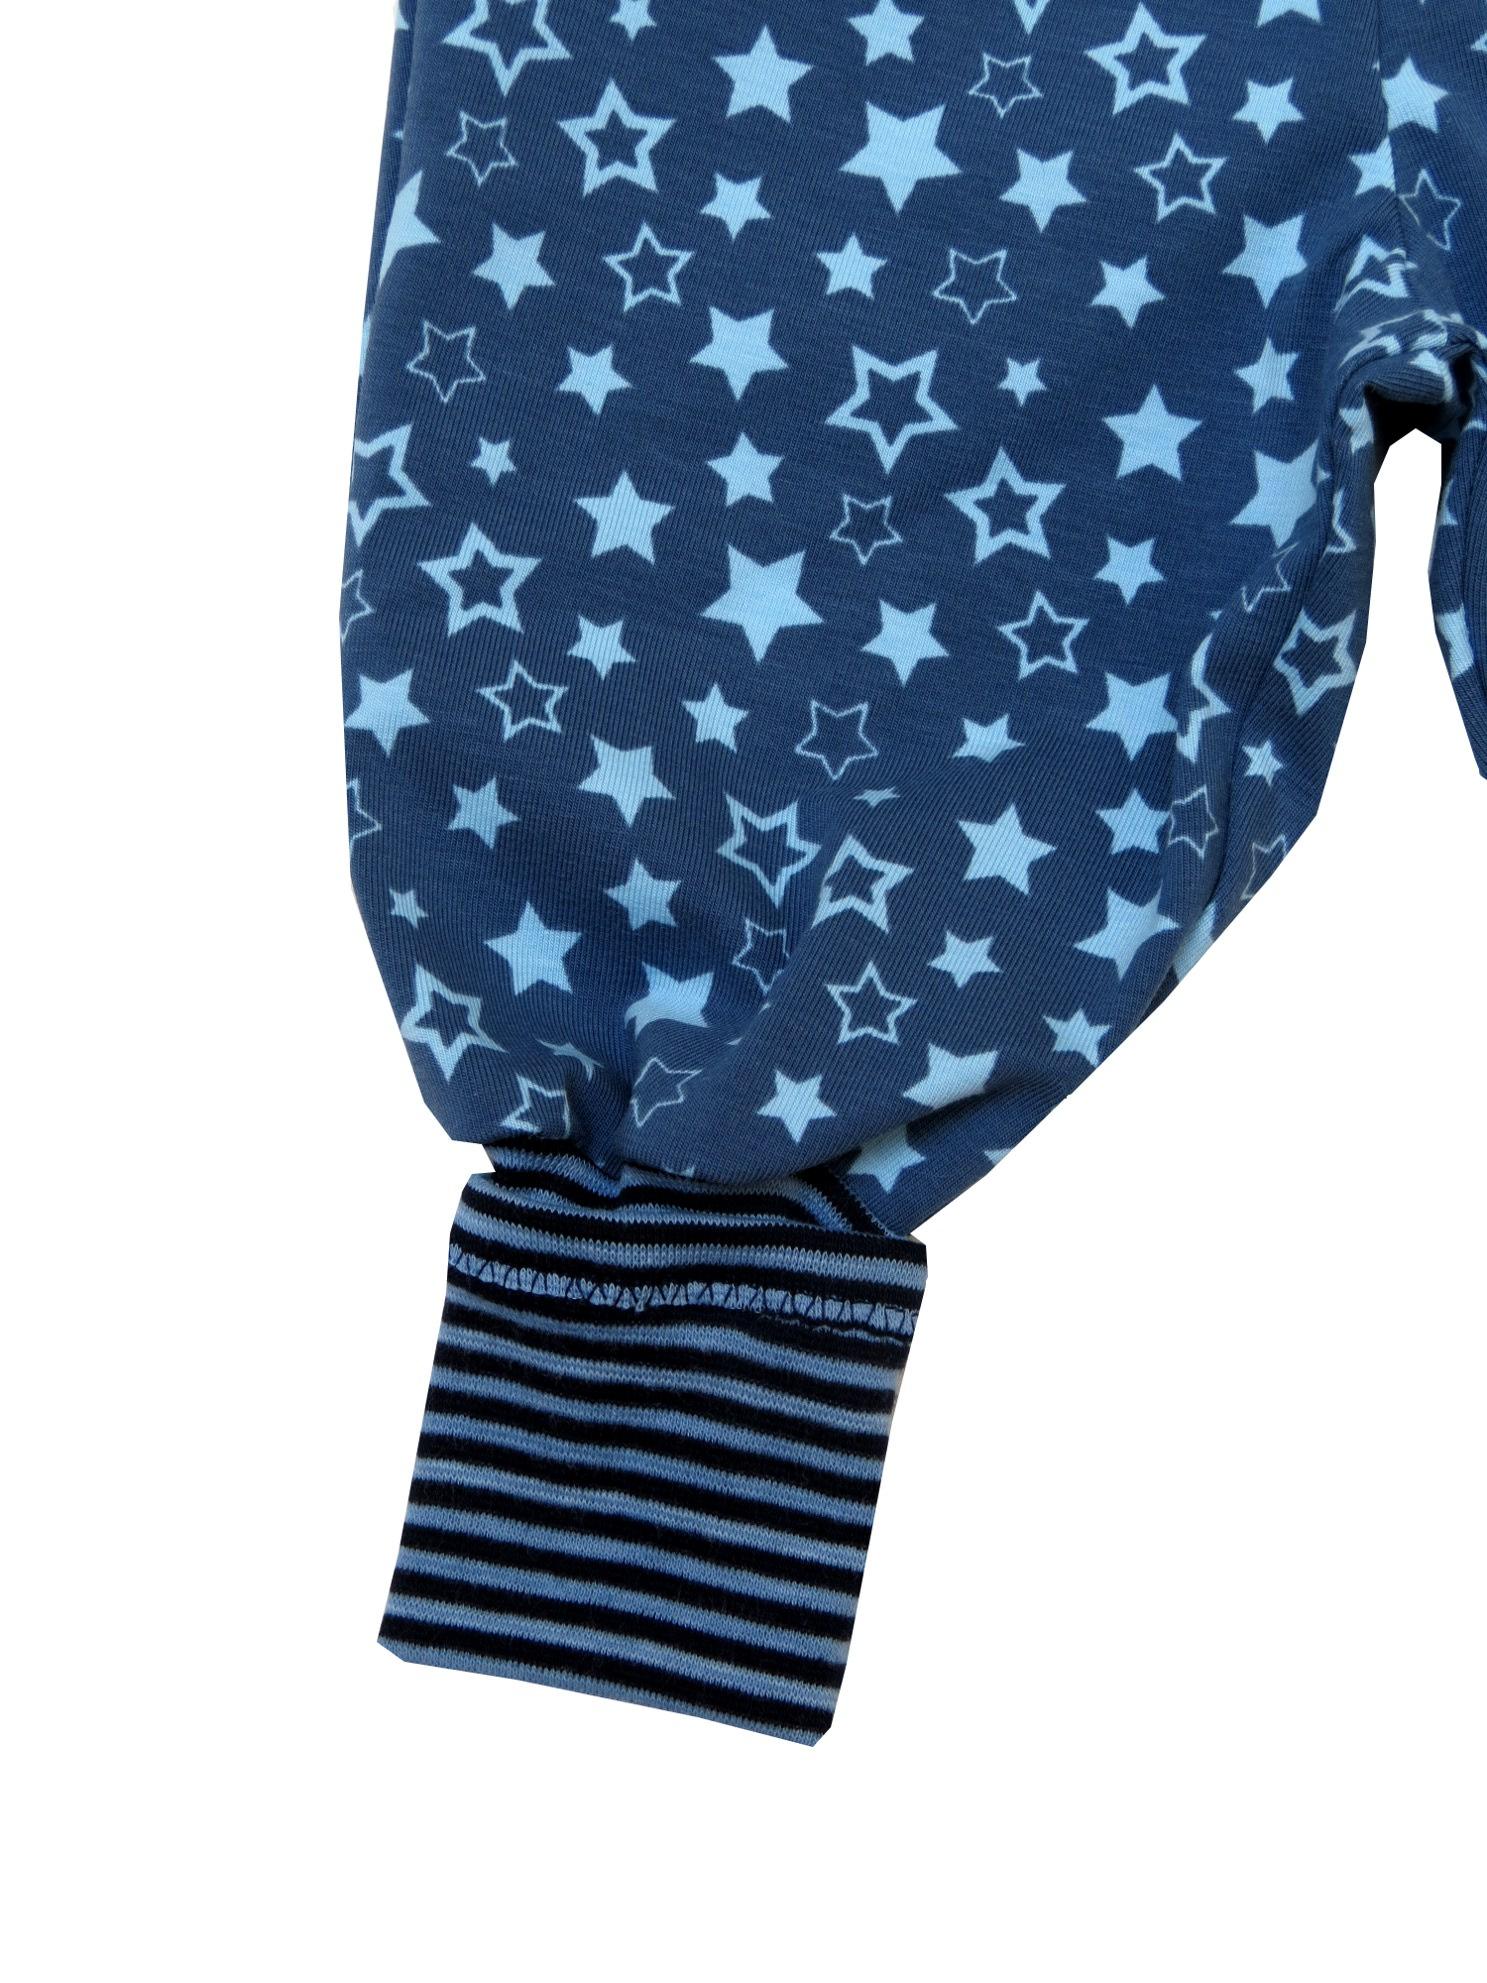 Kleinesbild - Mitwachshose Sterne Hose Pumphose blau Babyhose